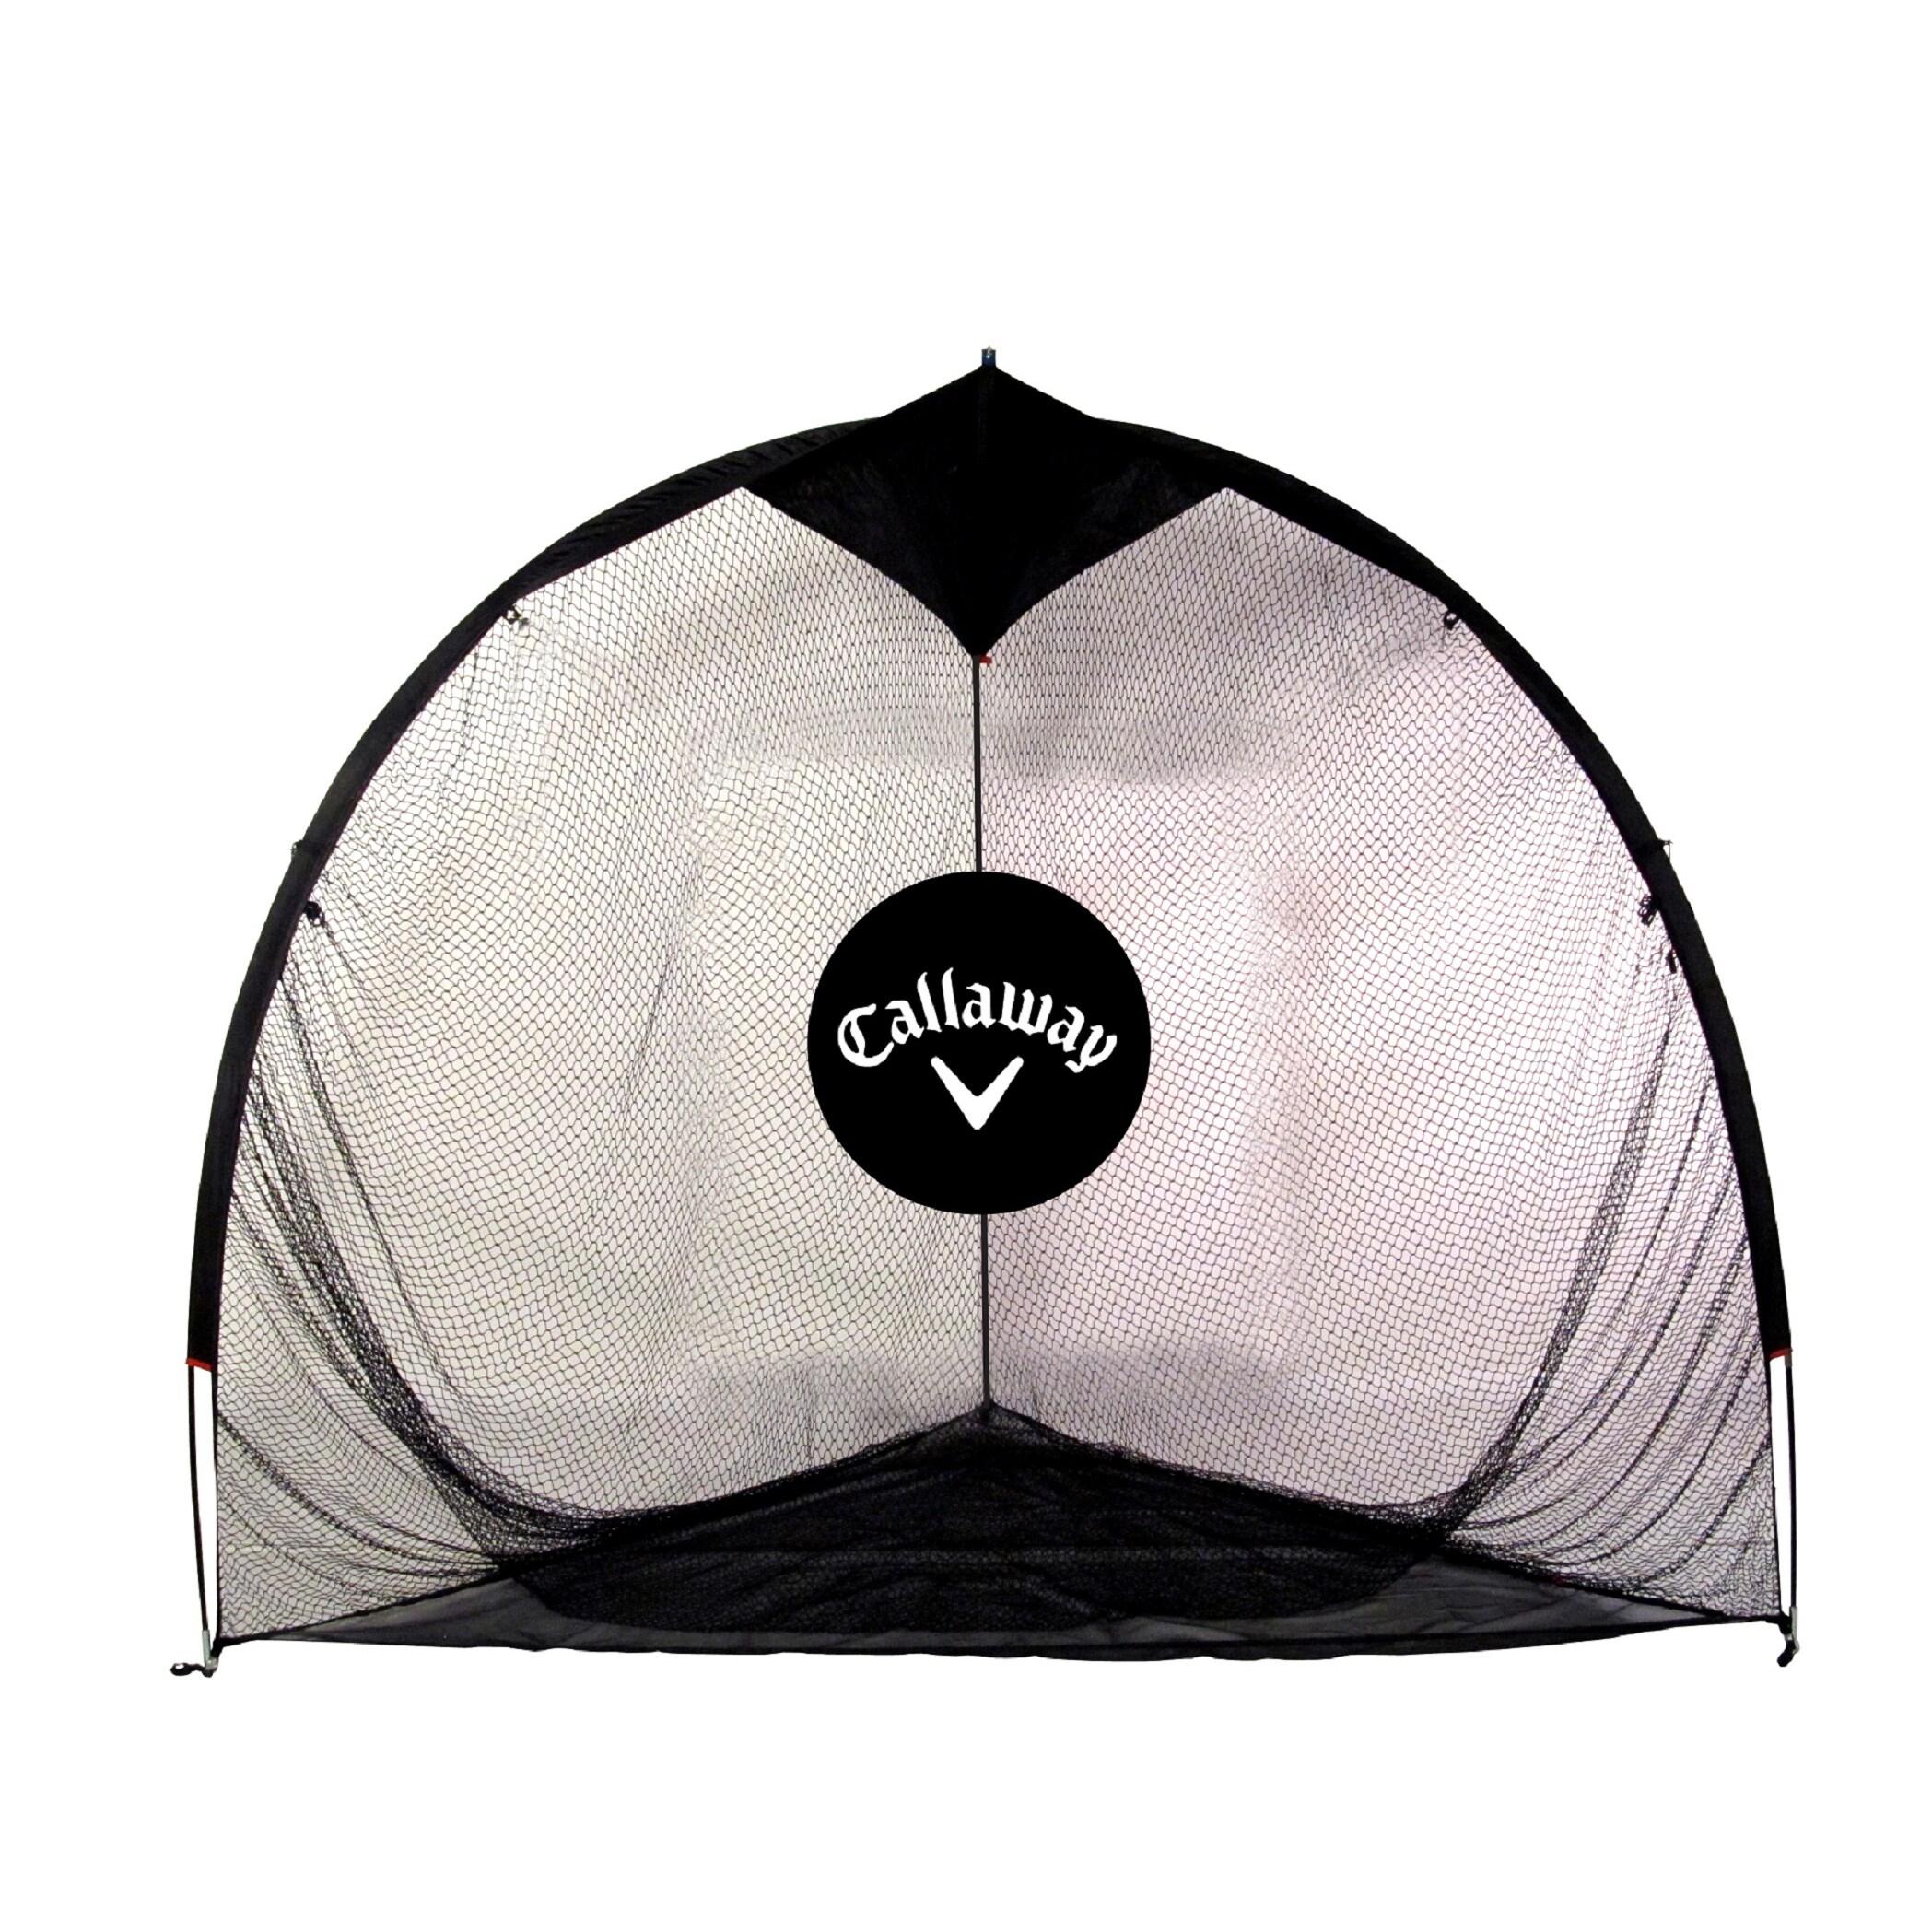 Callaway Tri-Ball 6-foot Net